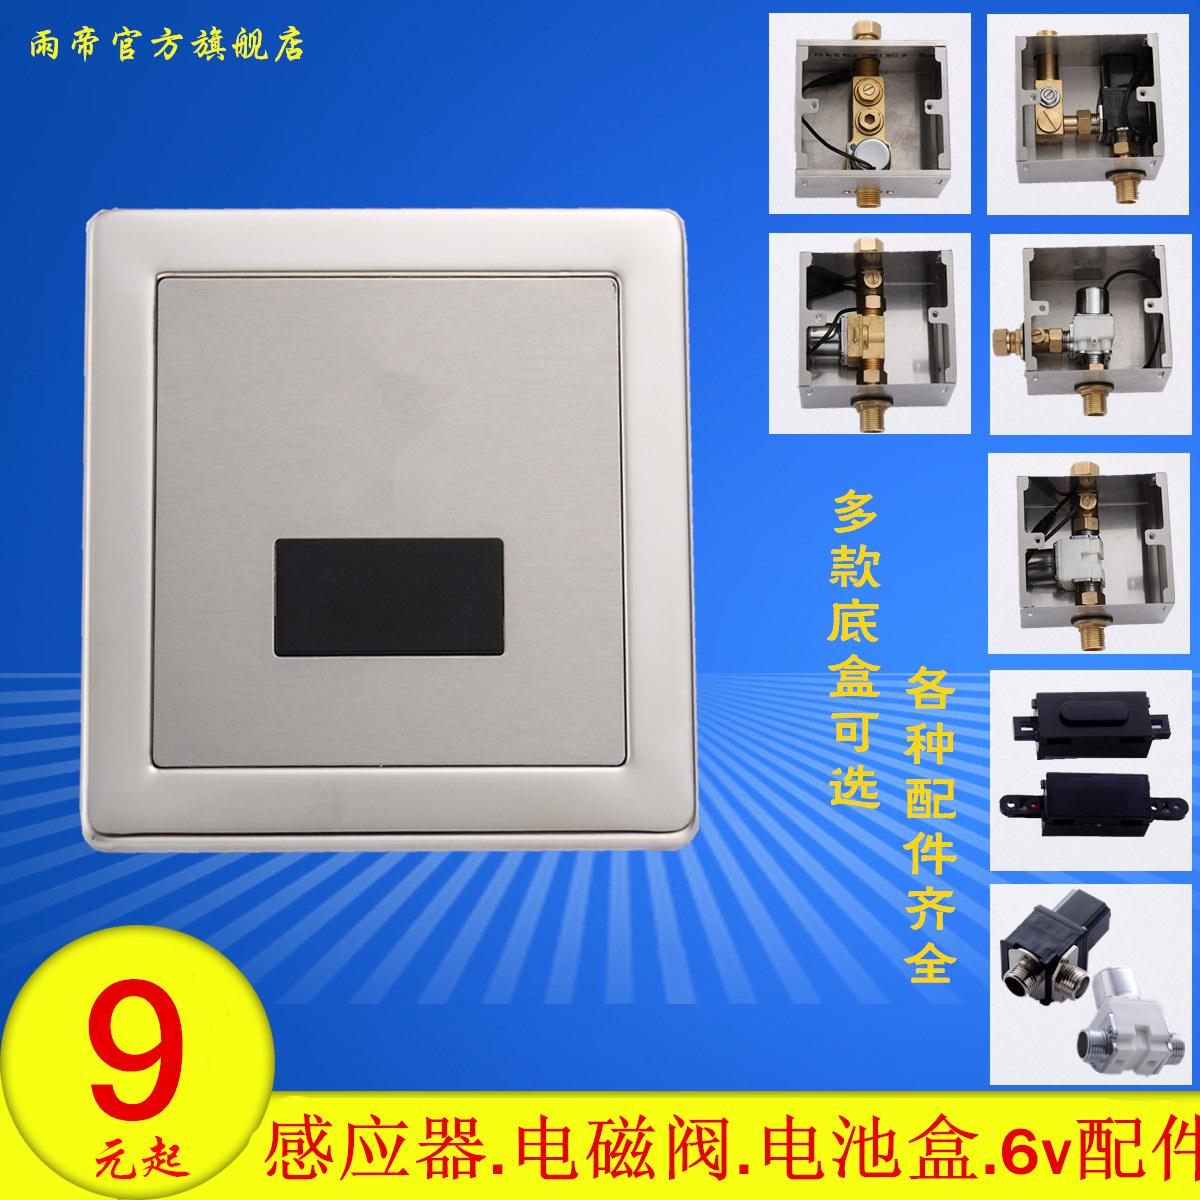 小便感應器小便鬥感應器小便池衝水閥感應衝水器暗裝電磁閥 6v